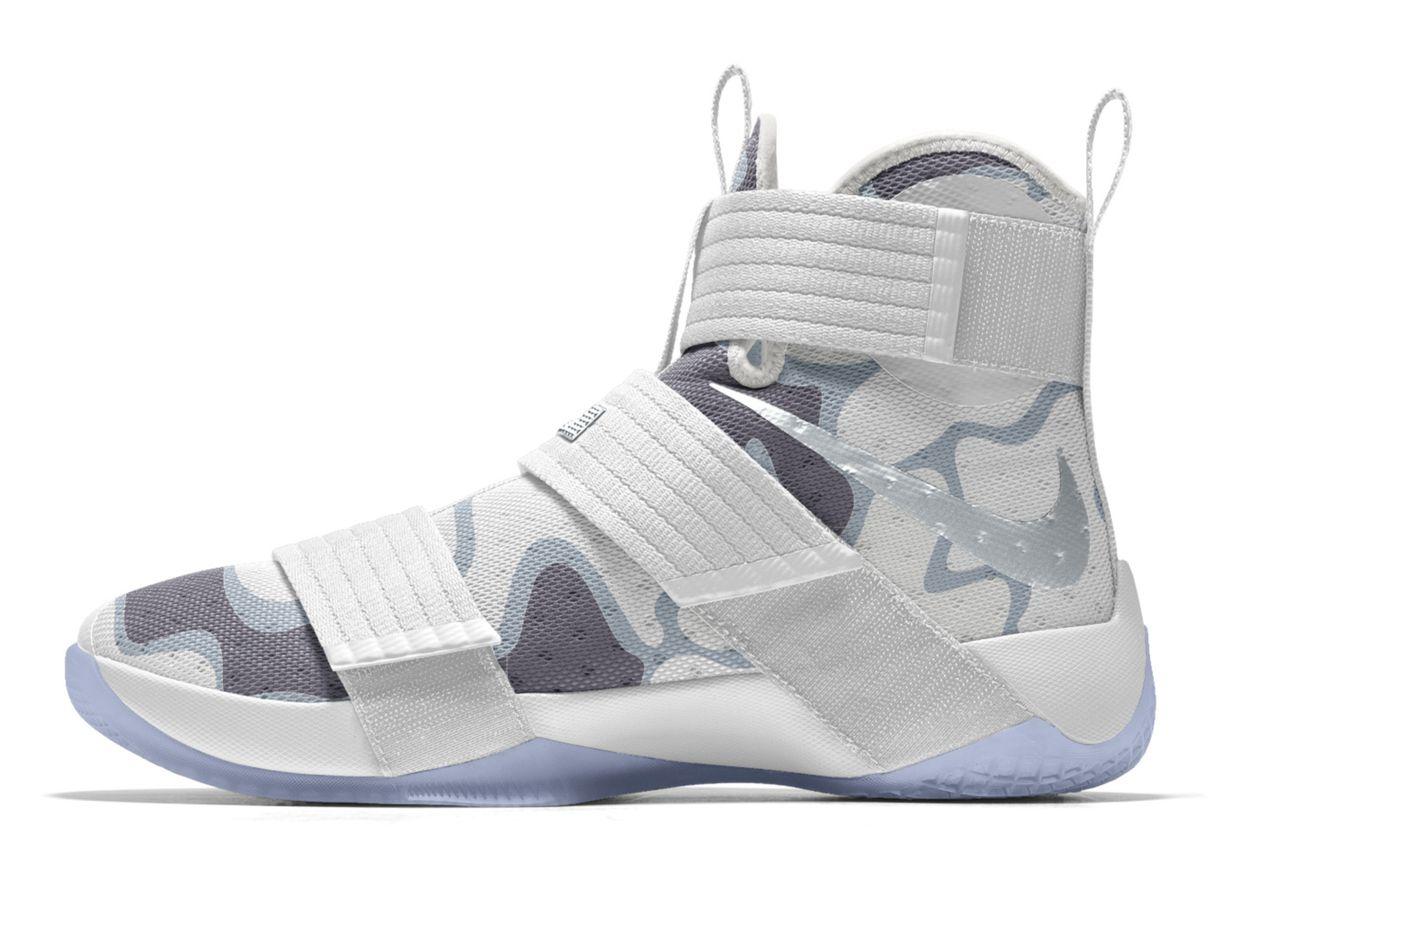 NikeID Custom Sneakers